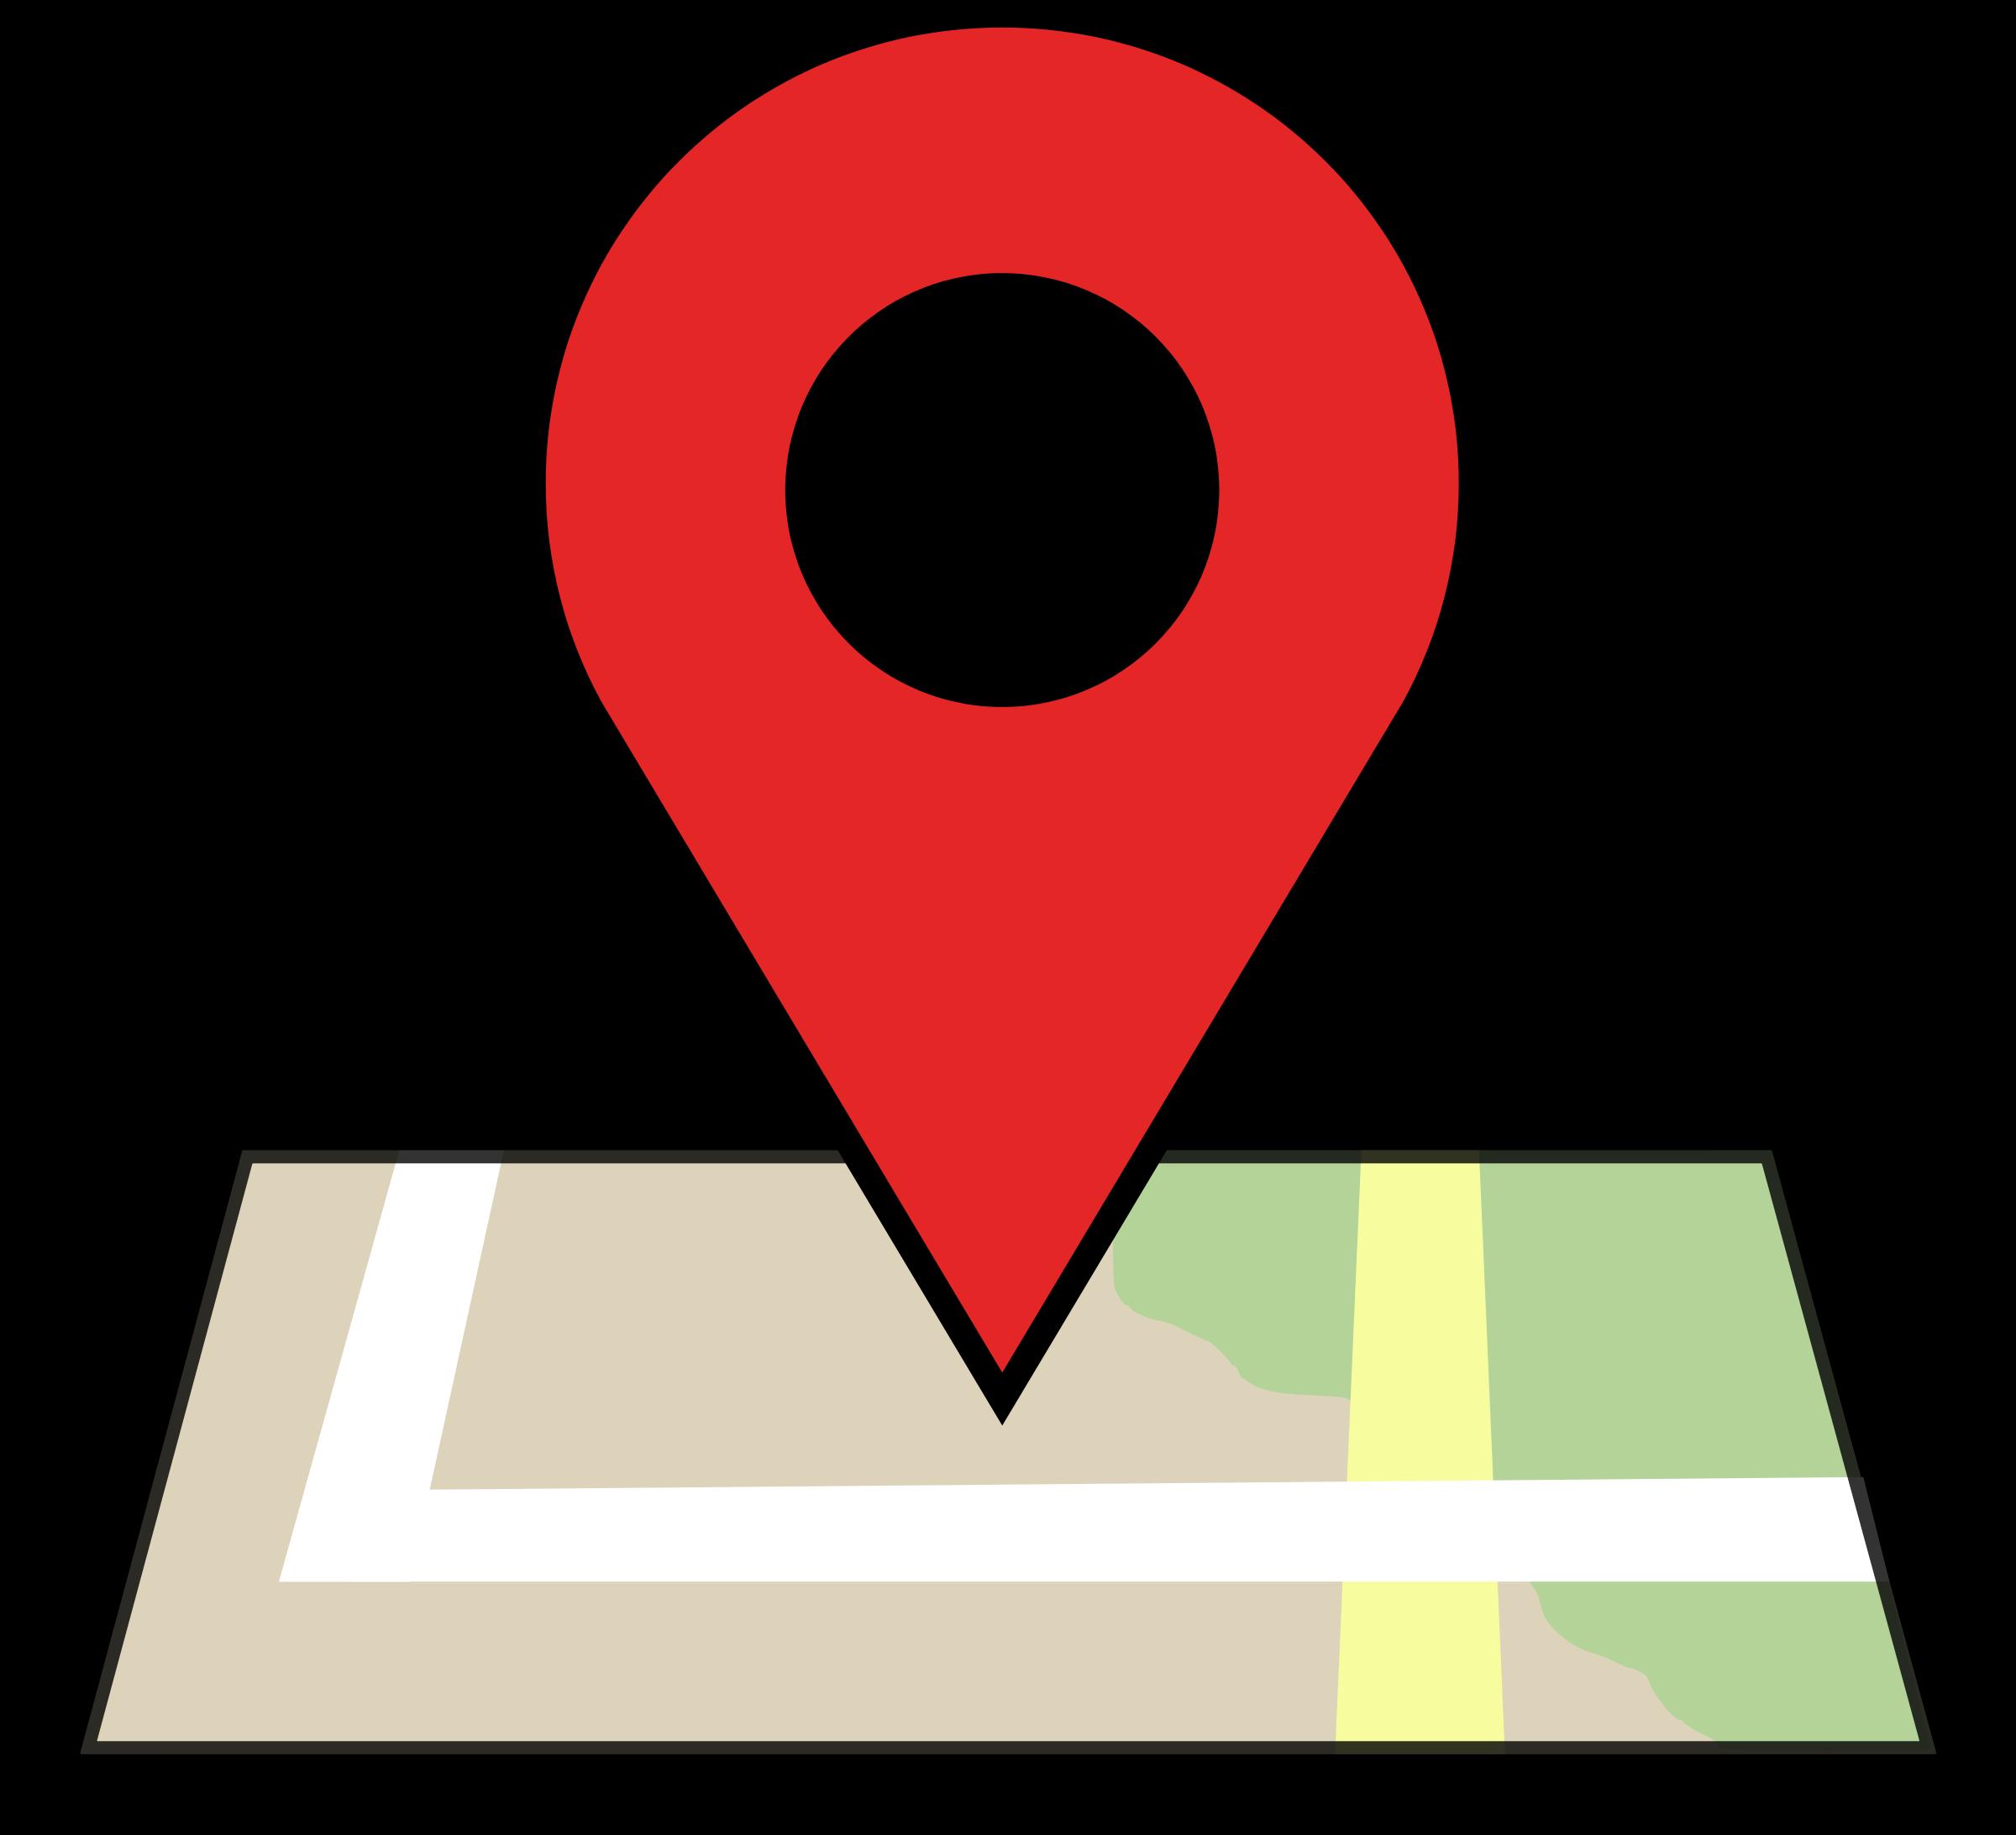 adres icon ile ilgili görsel sonucu